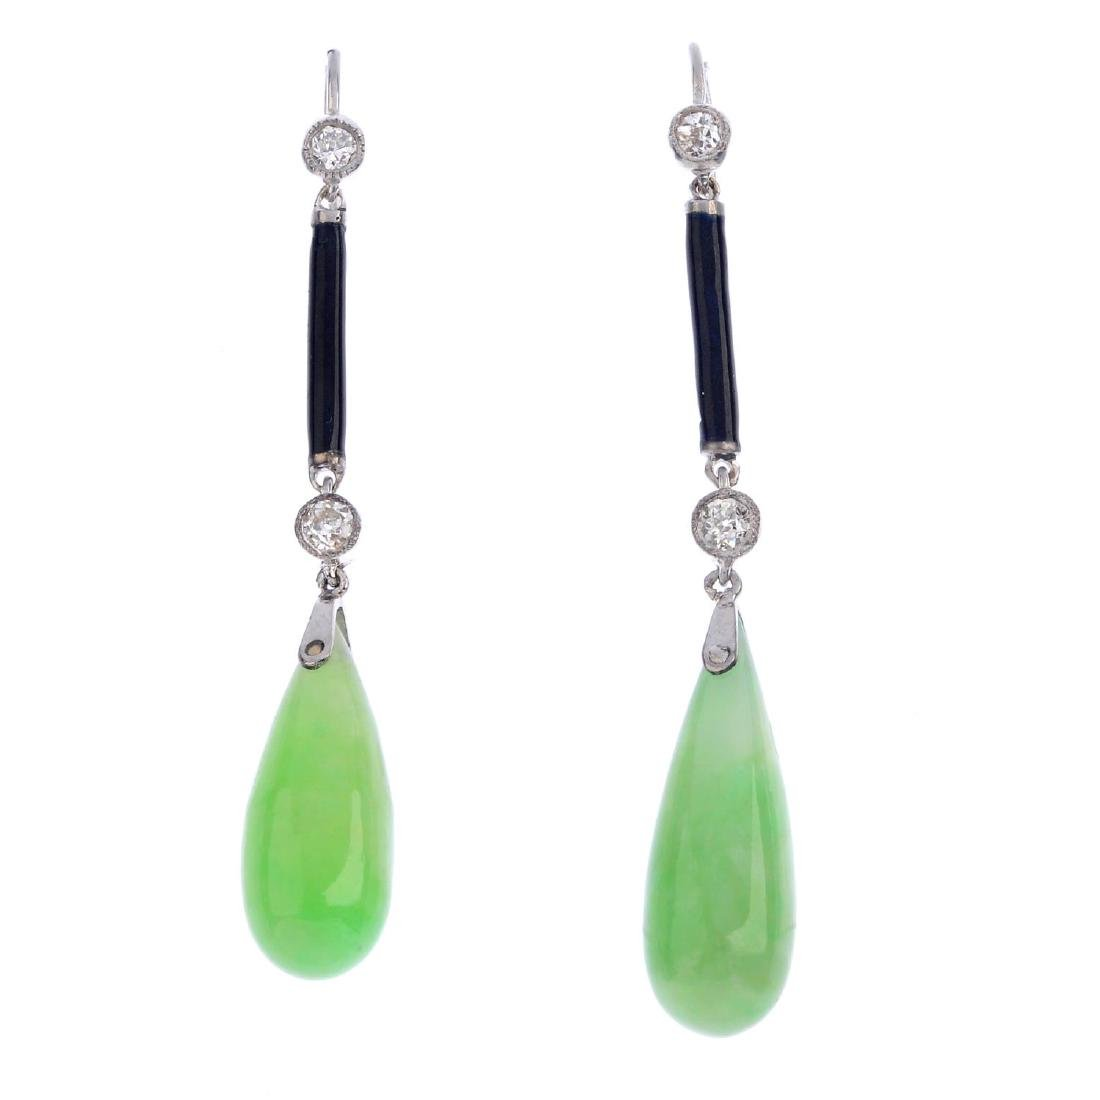 A pair of jade, diamond and enamel earrings. Each